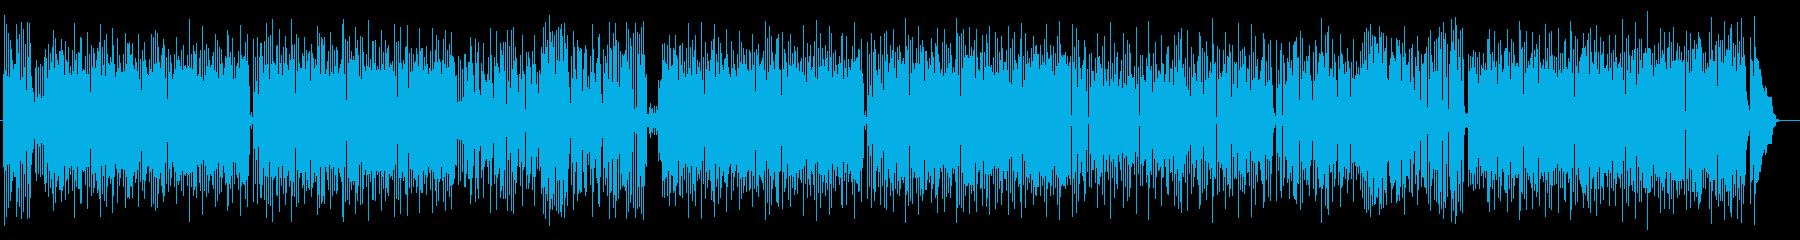 明るくノスタルジックなシンセサウンドの再生済みの波形